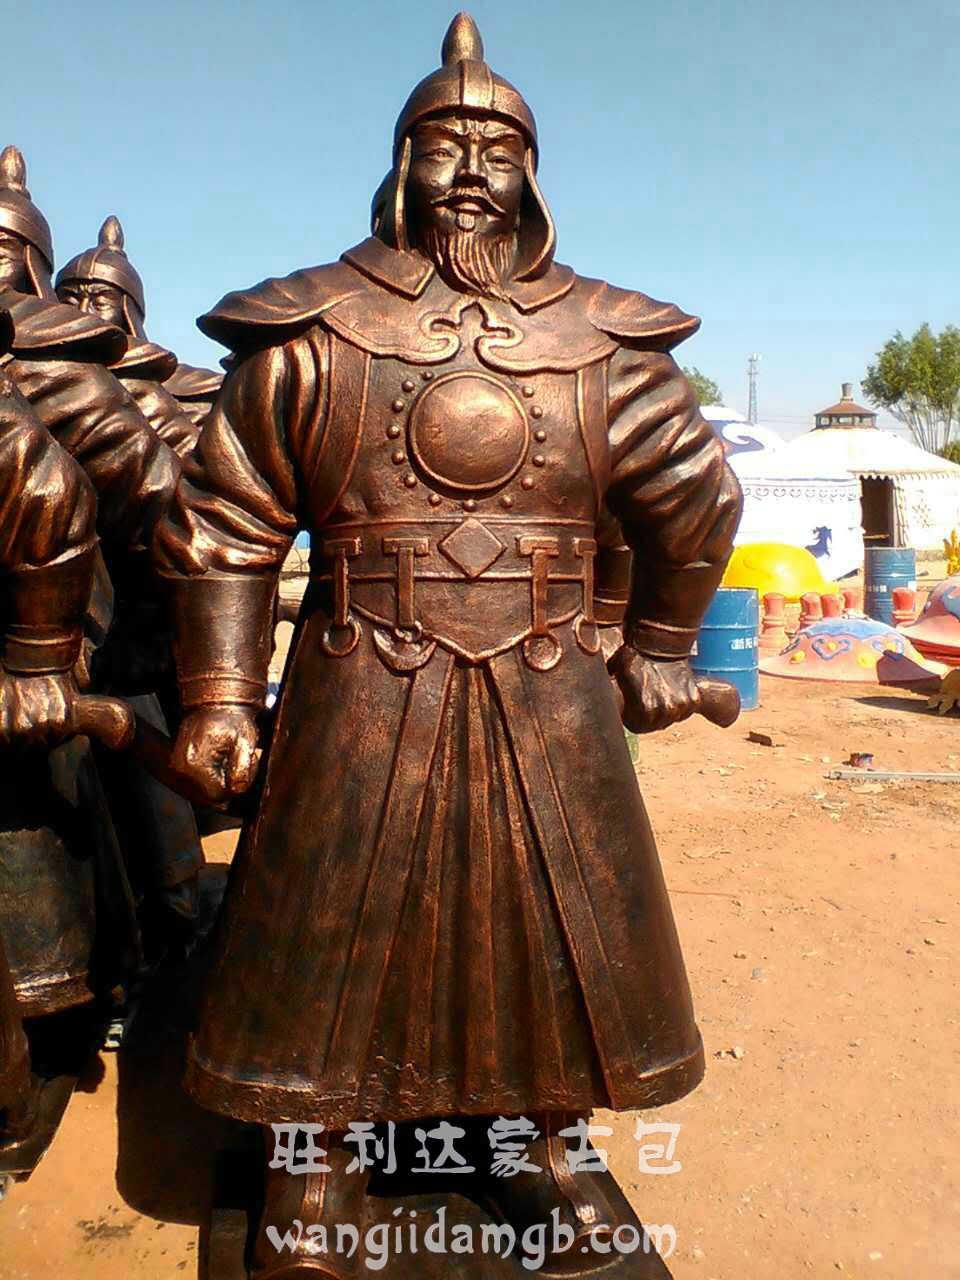 优良的蒙古包家具呼和浩特厂家直销-鄂尔多斯蒙古包哪家好